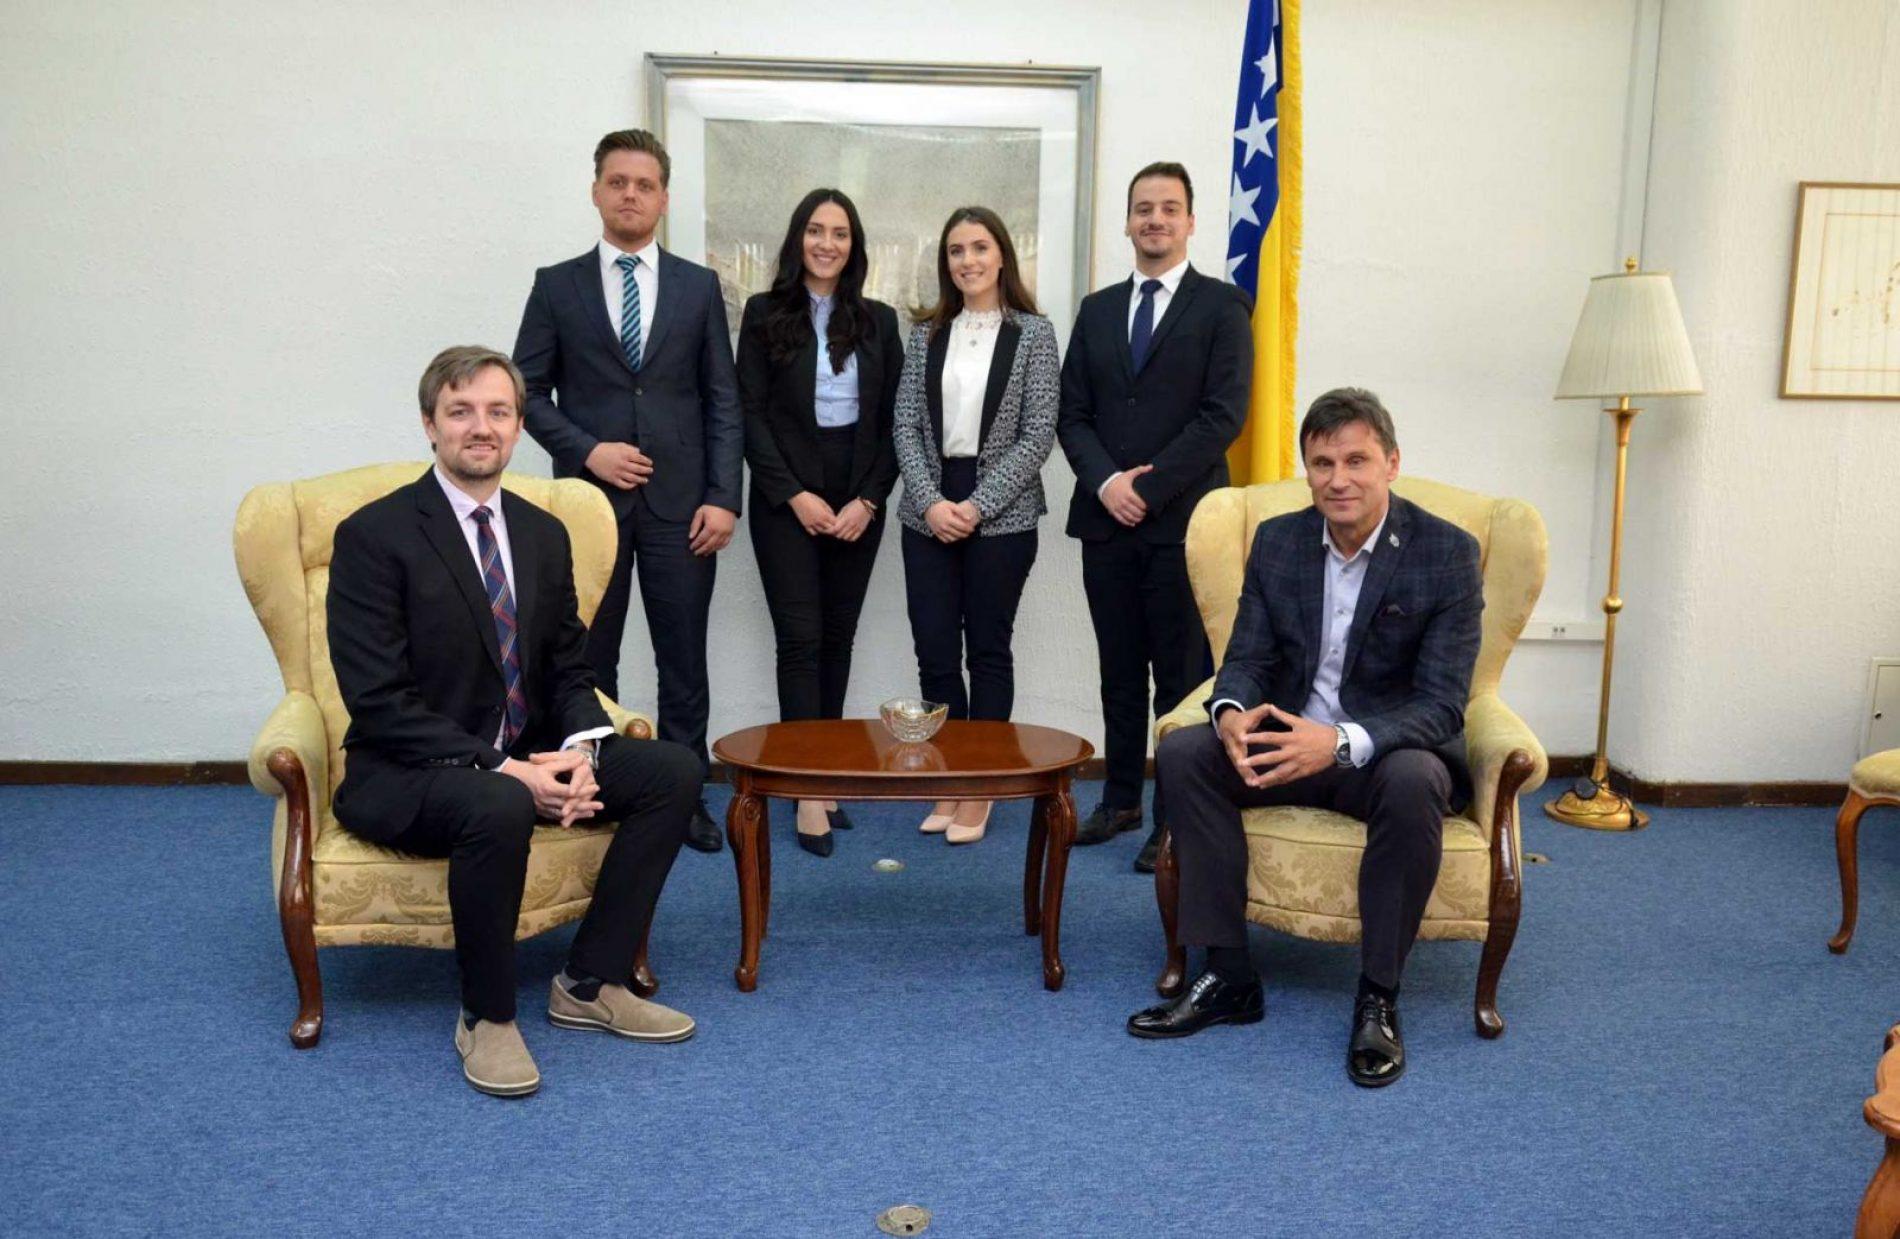 Uspješni zenički studenti novčano nagrađeni od Federalnog premijera i kompanije HIFA